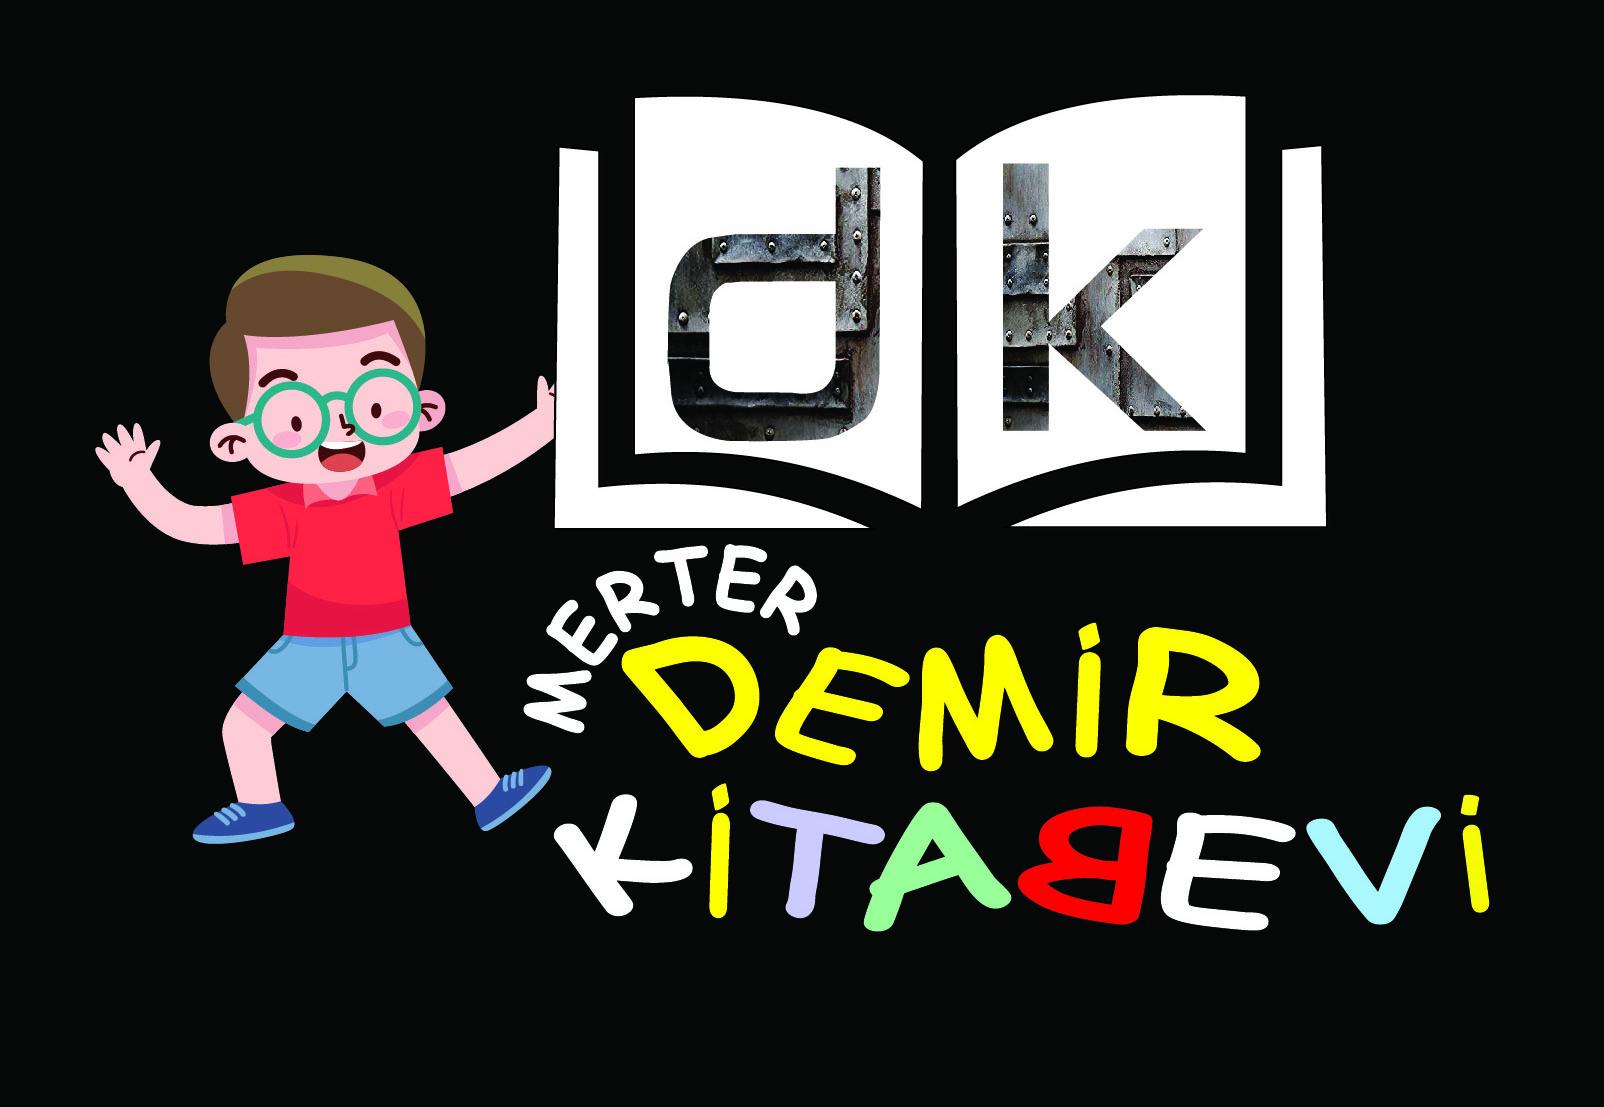 Merter Demir Kitabevi Ltd. Şti.